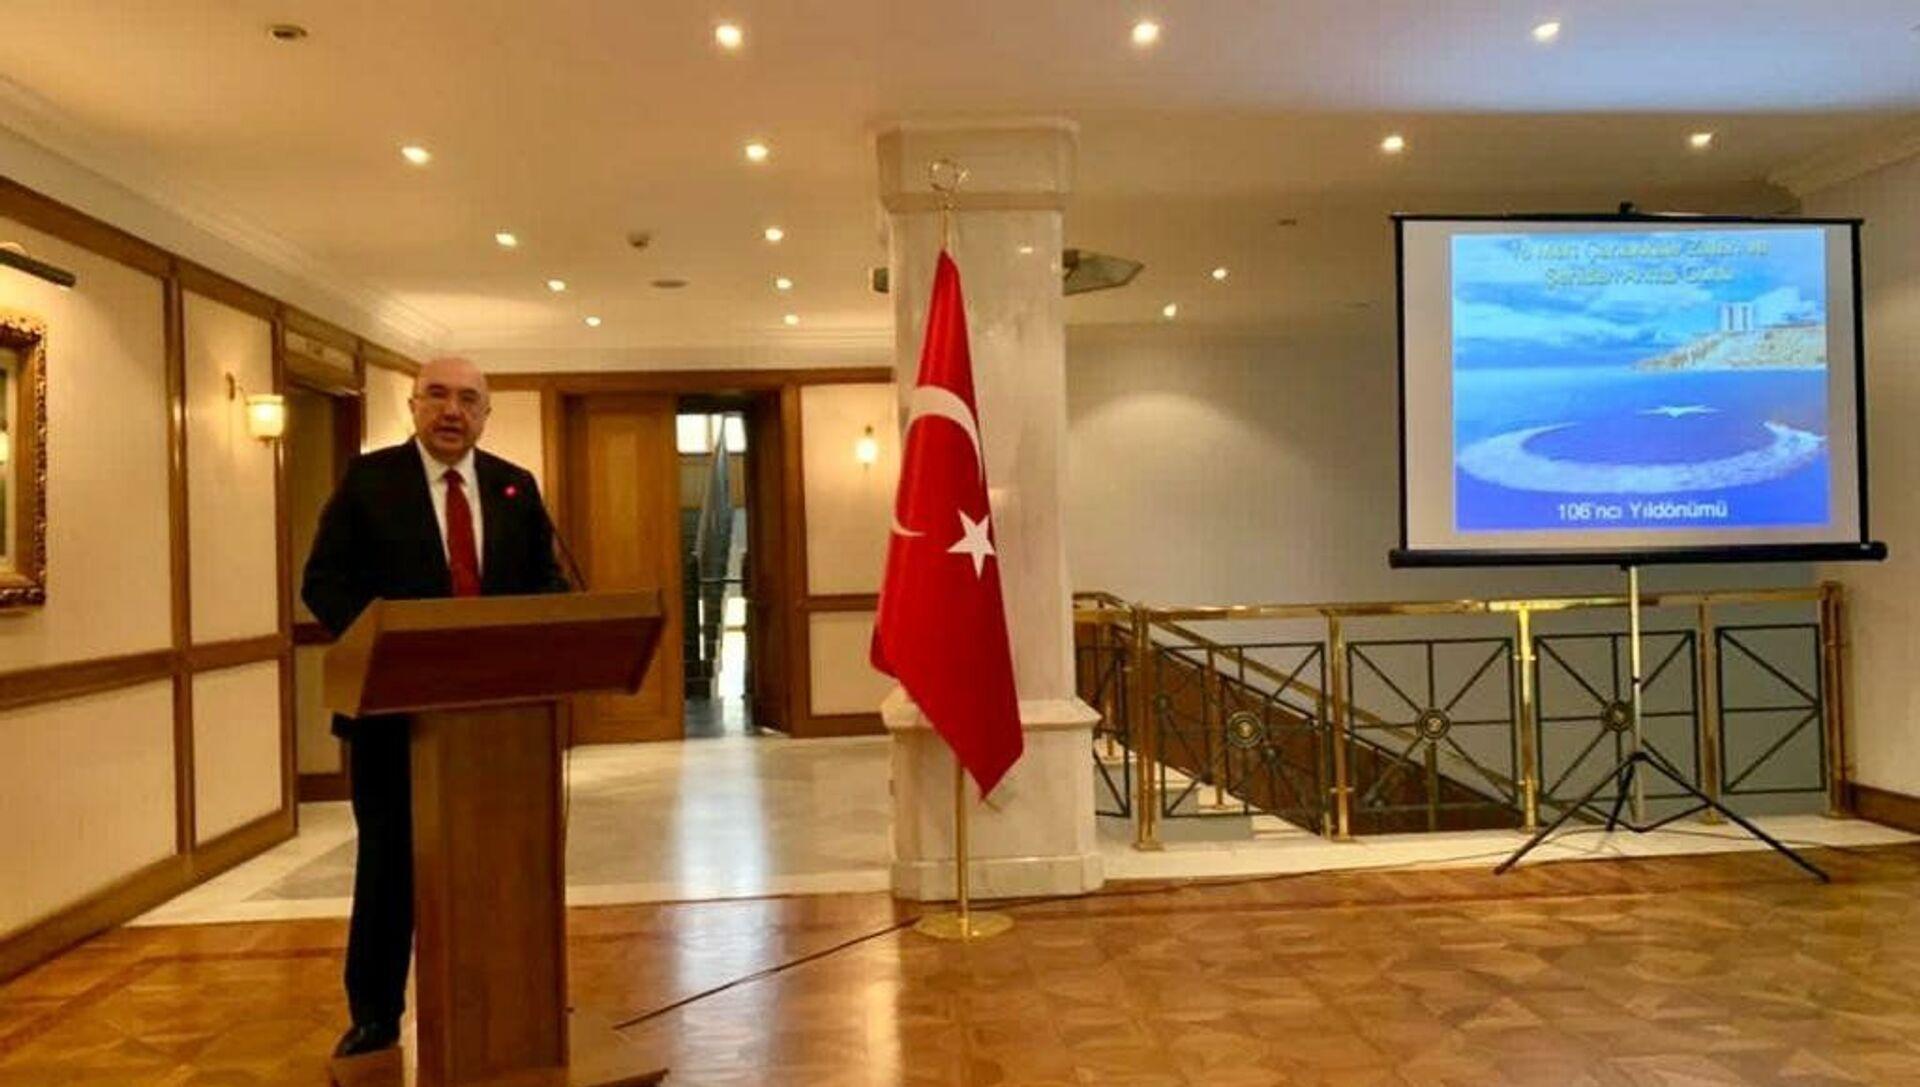 Rusya'da 18 Mart Çanakkale Zaferi ve Şehitleri Anma Günü töreni düzenlendi - Sputnik Türkiye, 1920, 18.03.2021